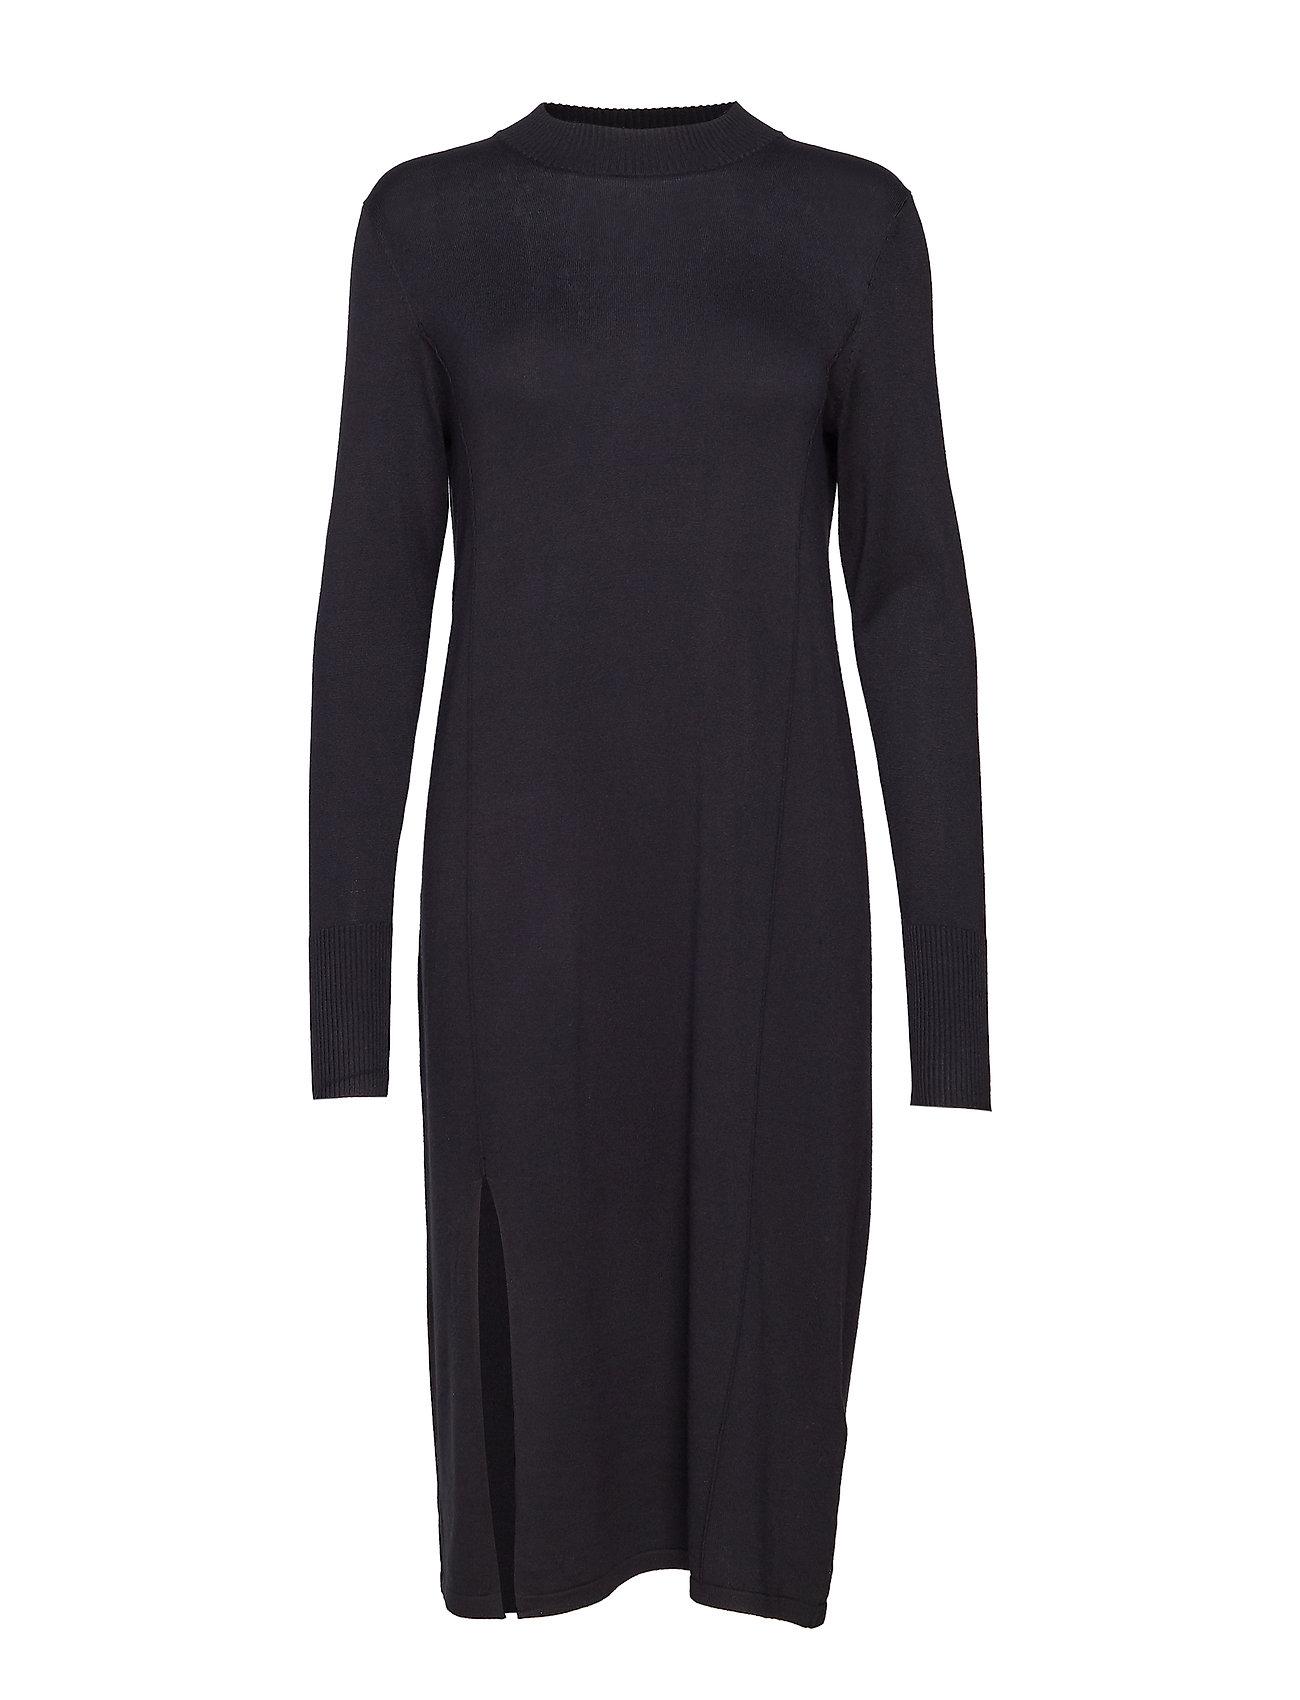 Kaffe Jamal Knit Dress - BLACK DEEP